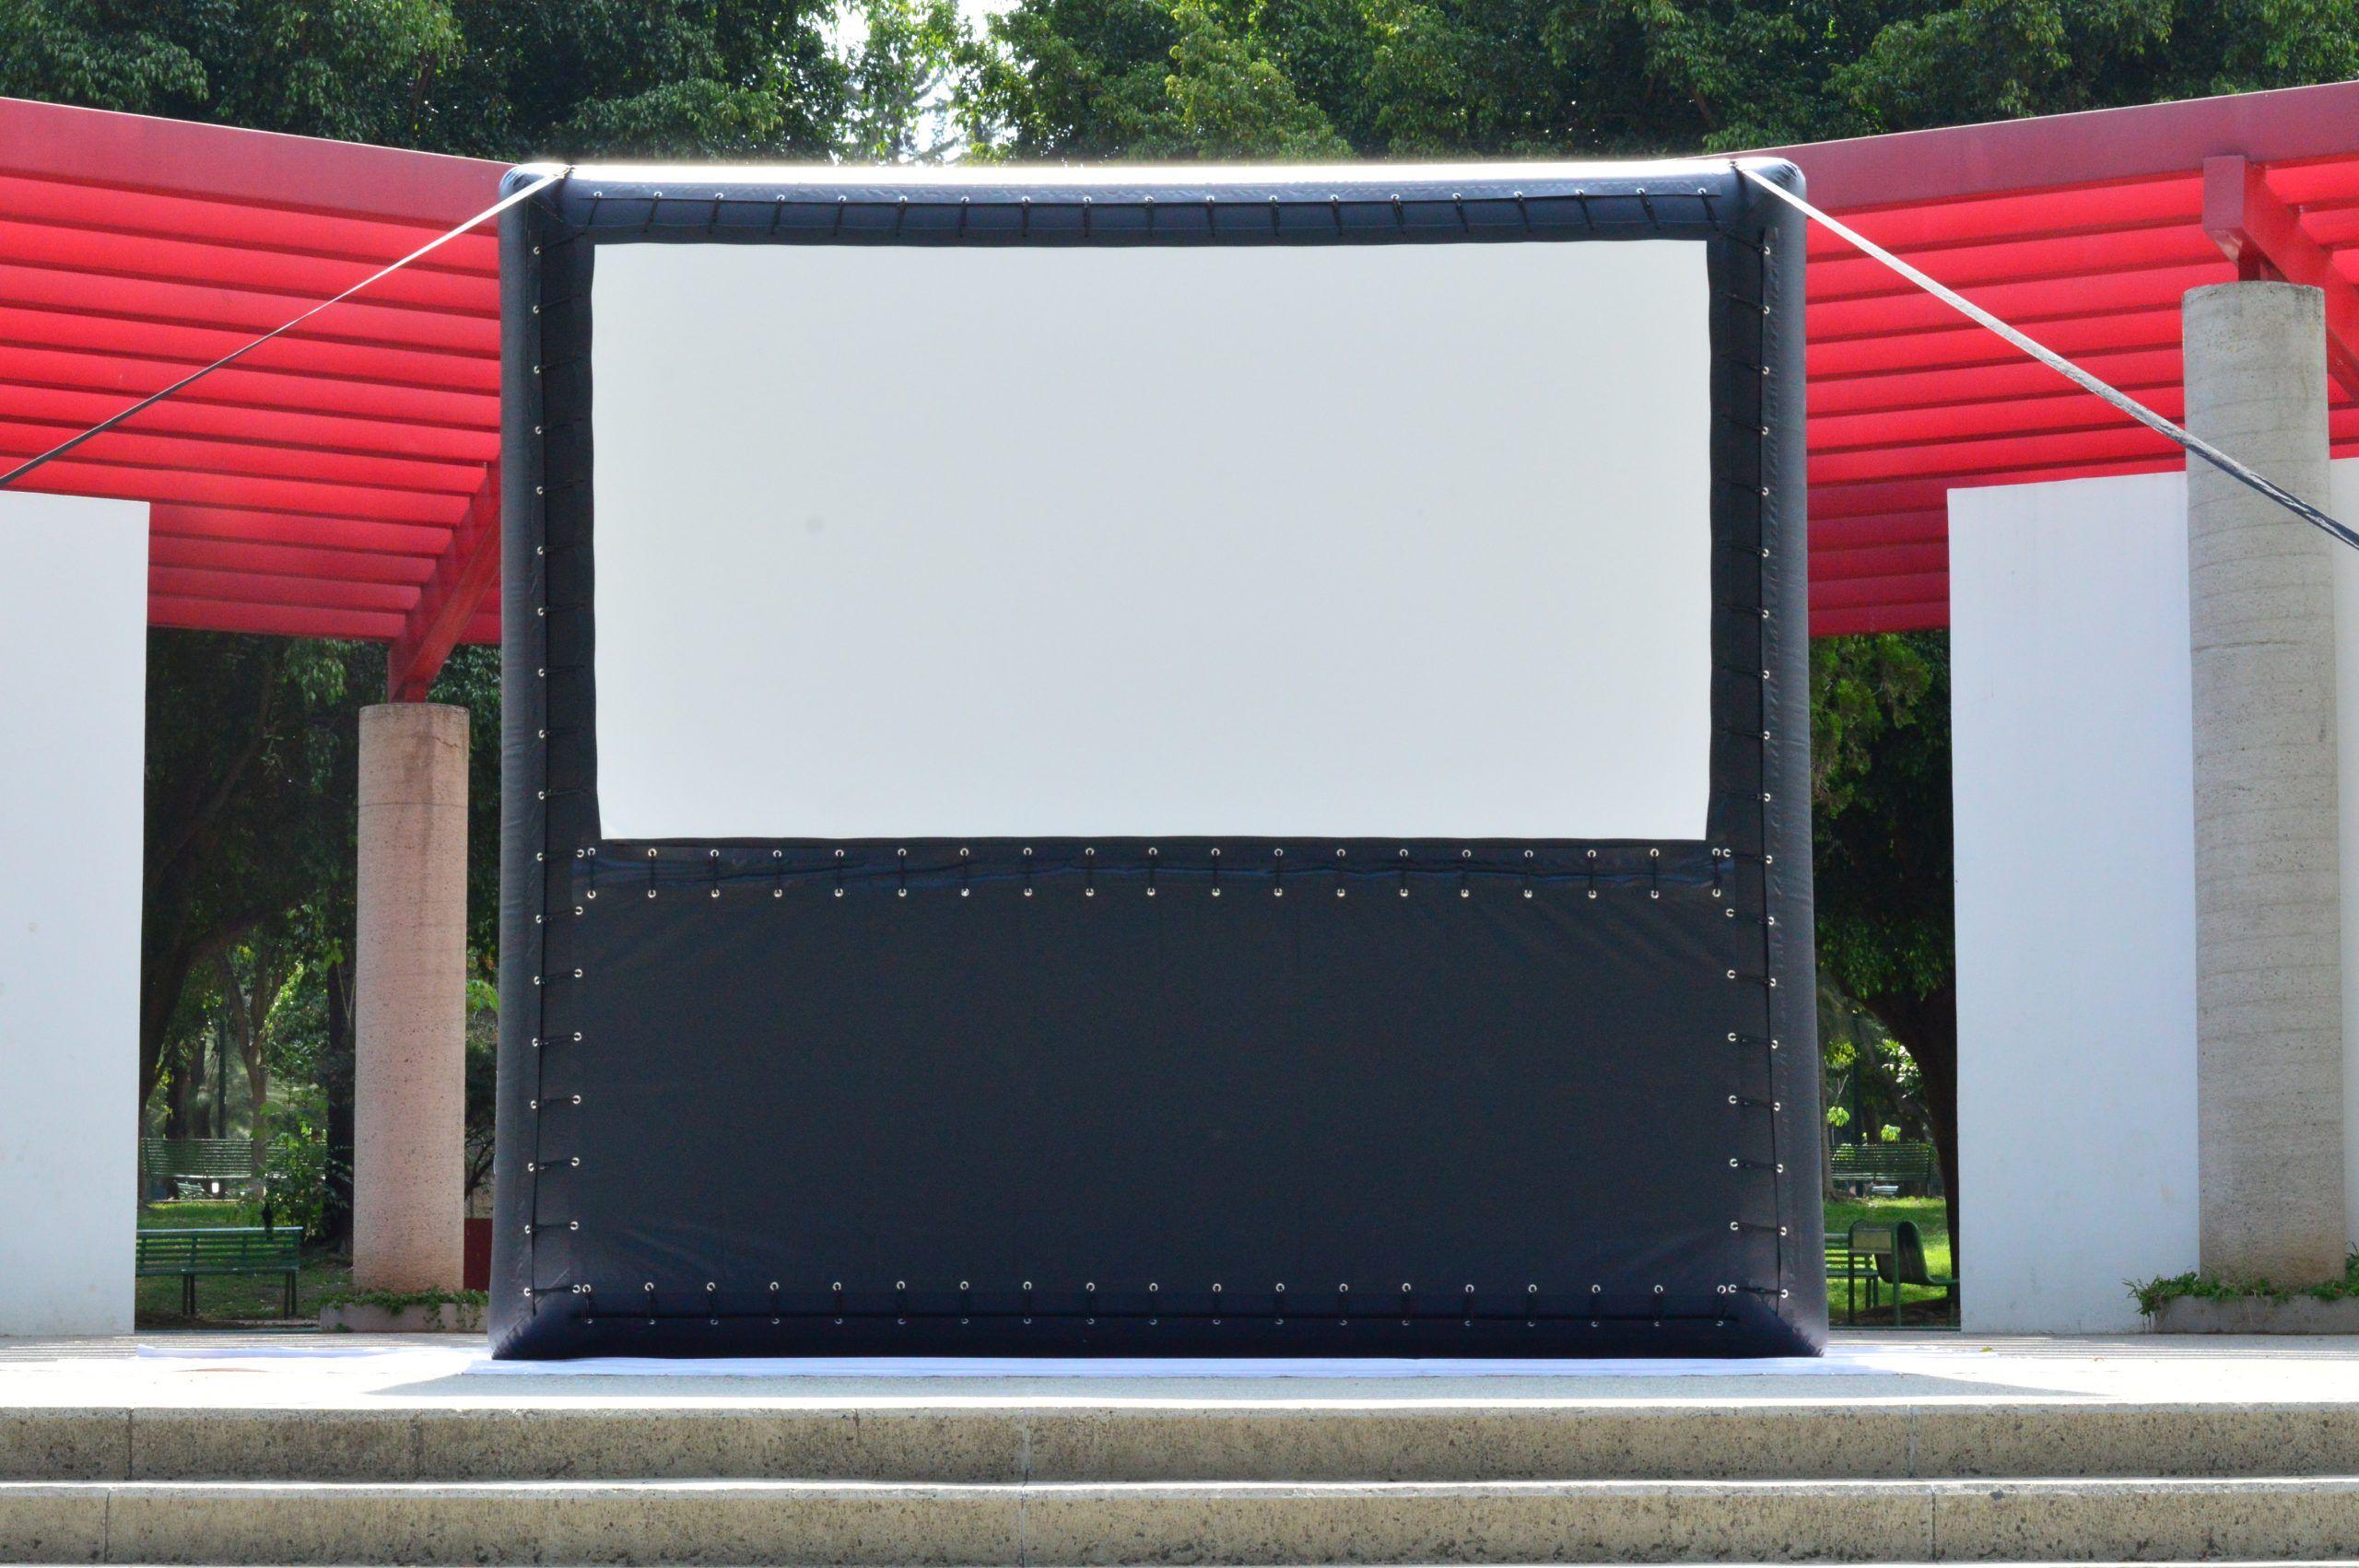 Pantalla Inflable de cine